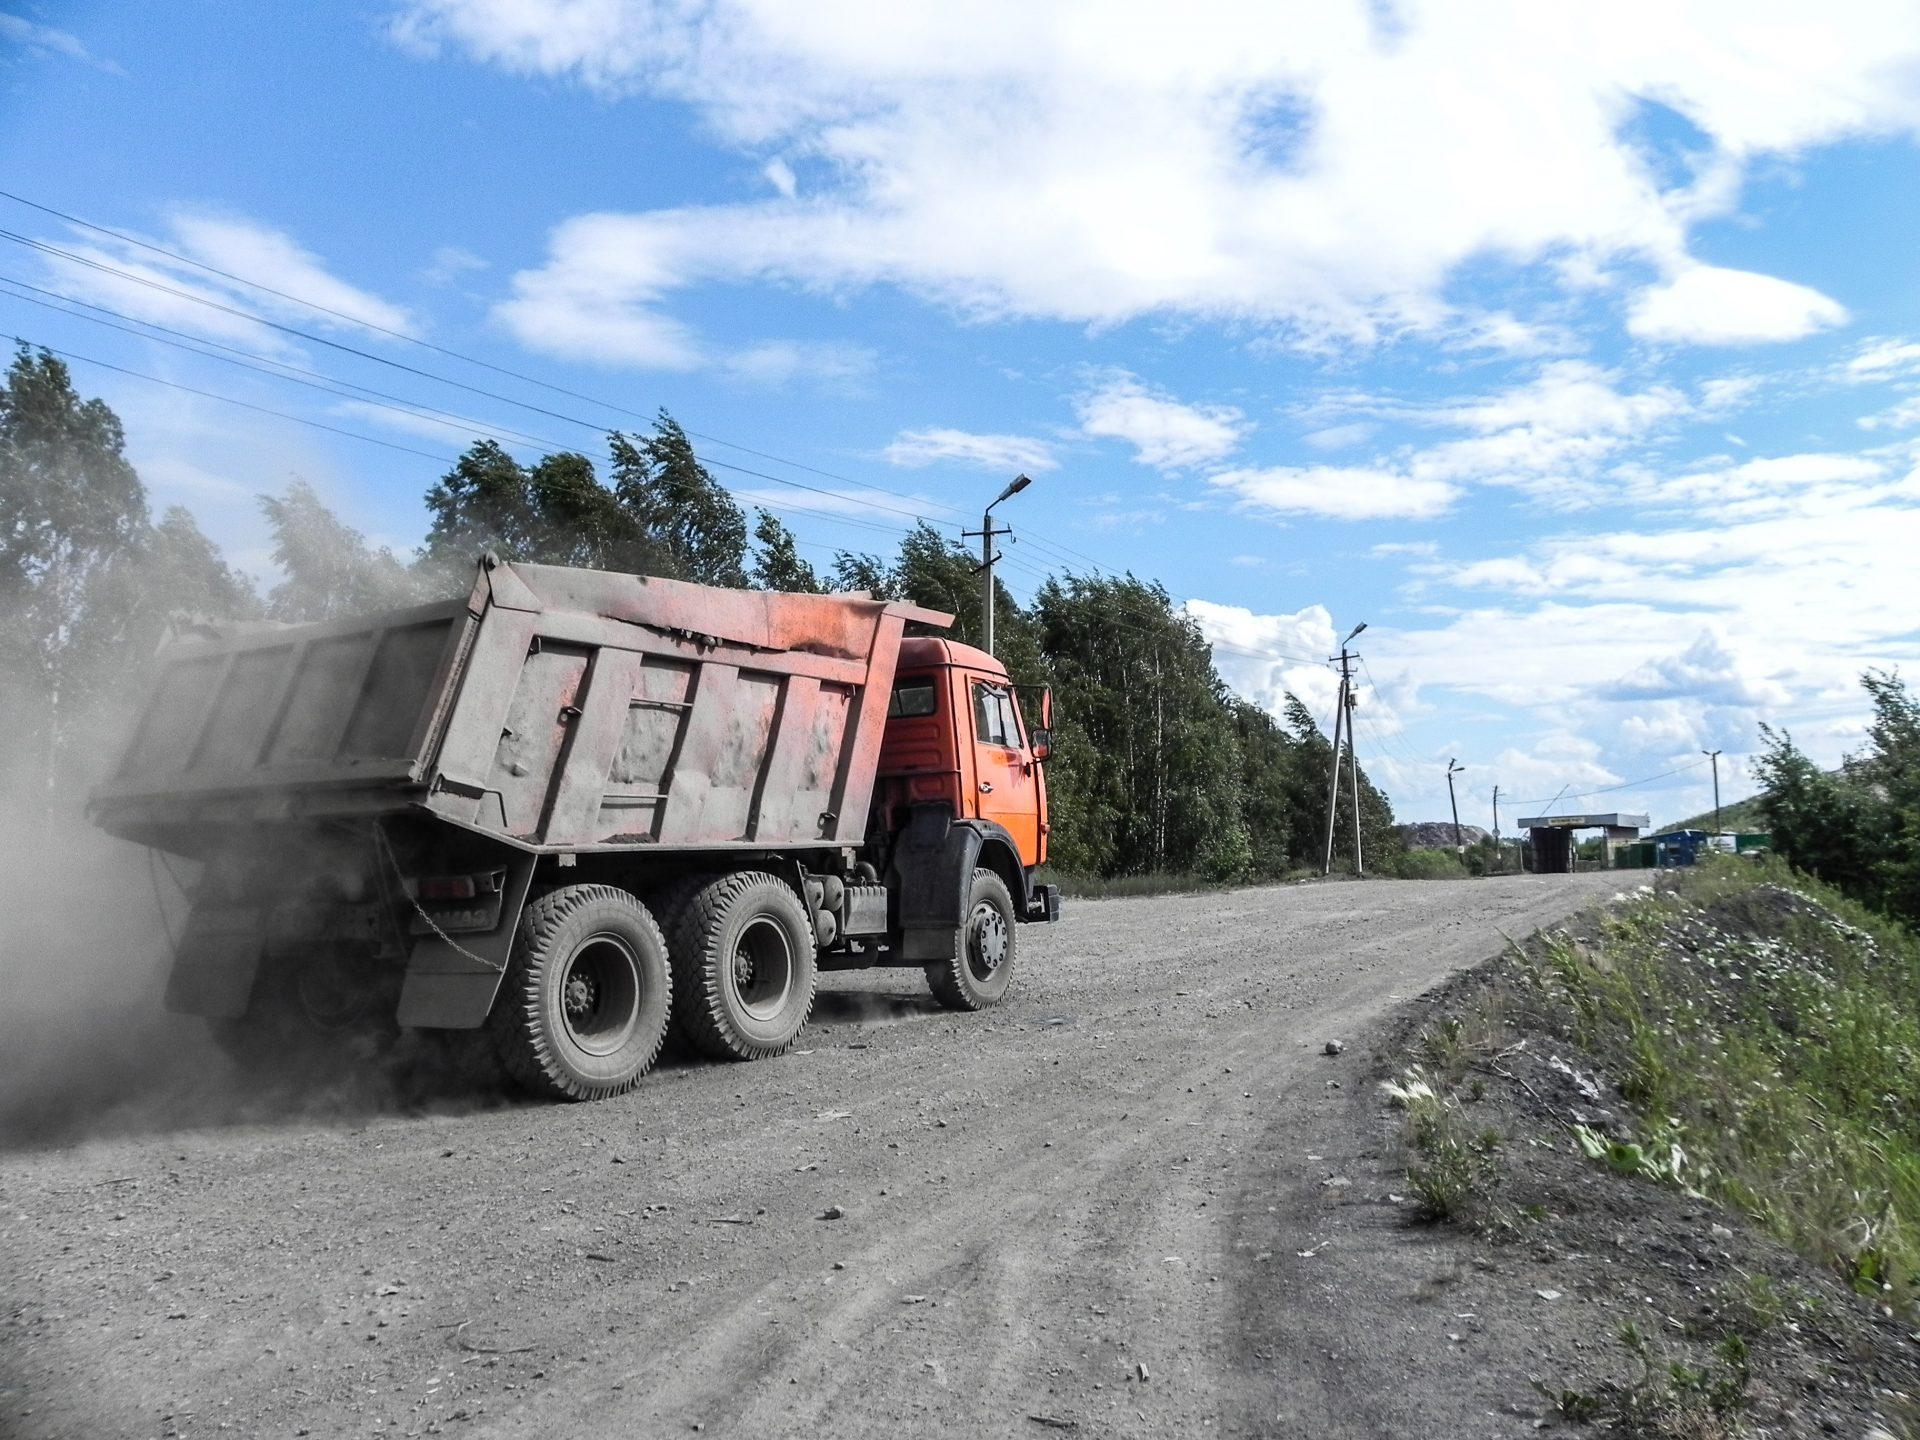 Экспедиция добралась до Рыбинского водохранилища: Череповецкая свалка, проверяем обращения жителей!